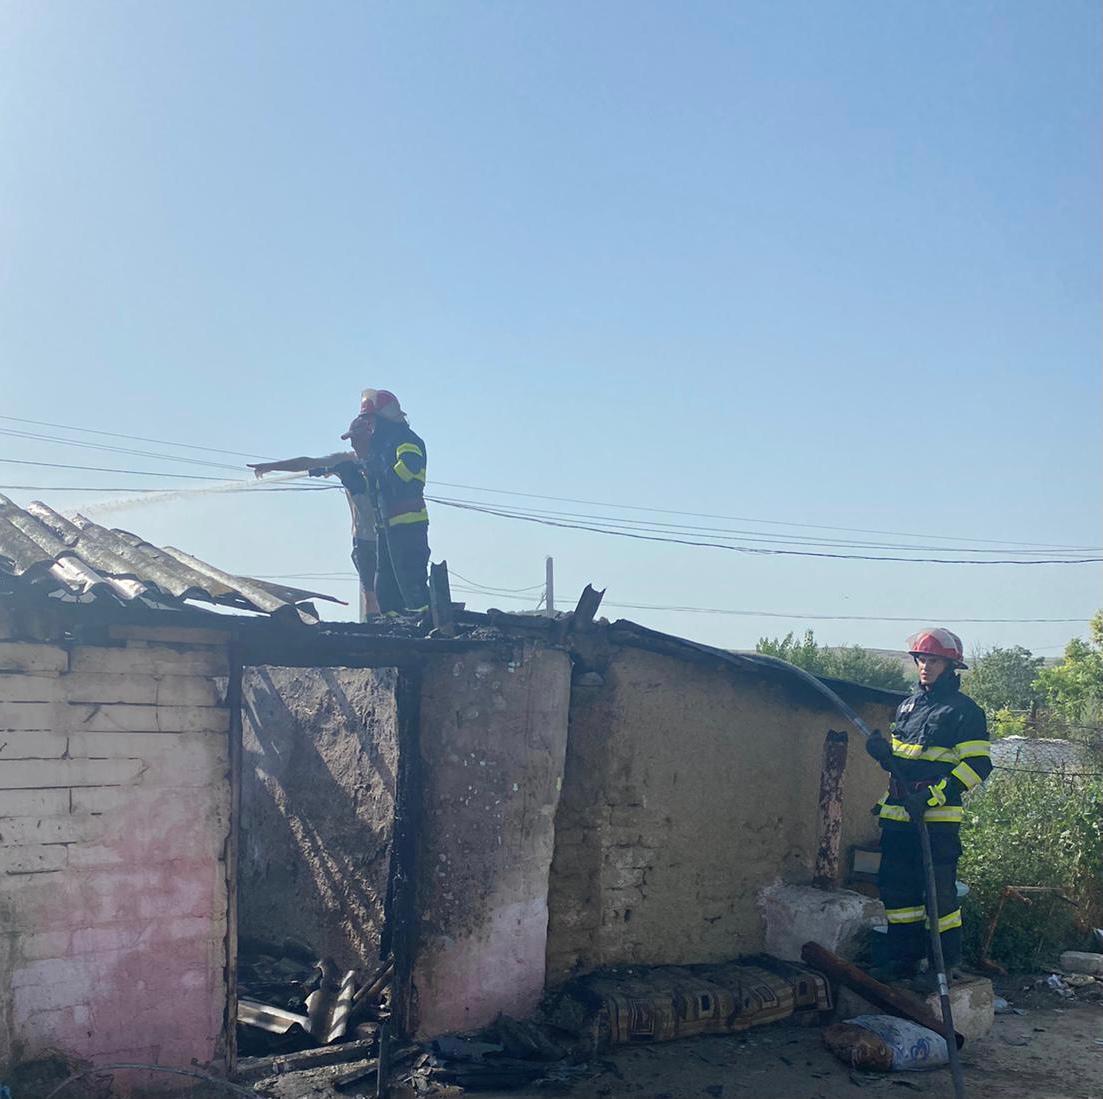 Tânăr reținut, după ce și-a incendiat casa părintească